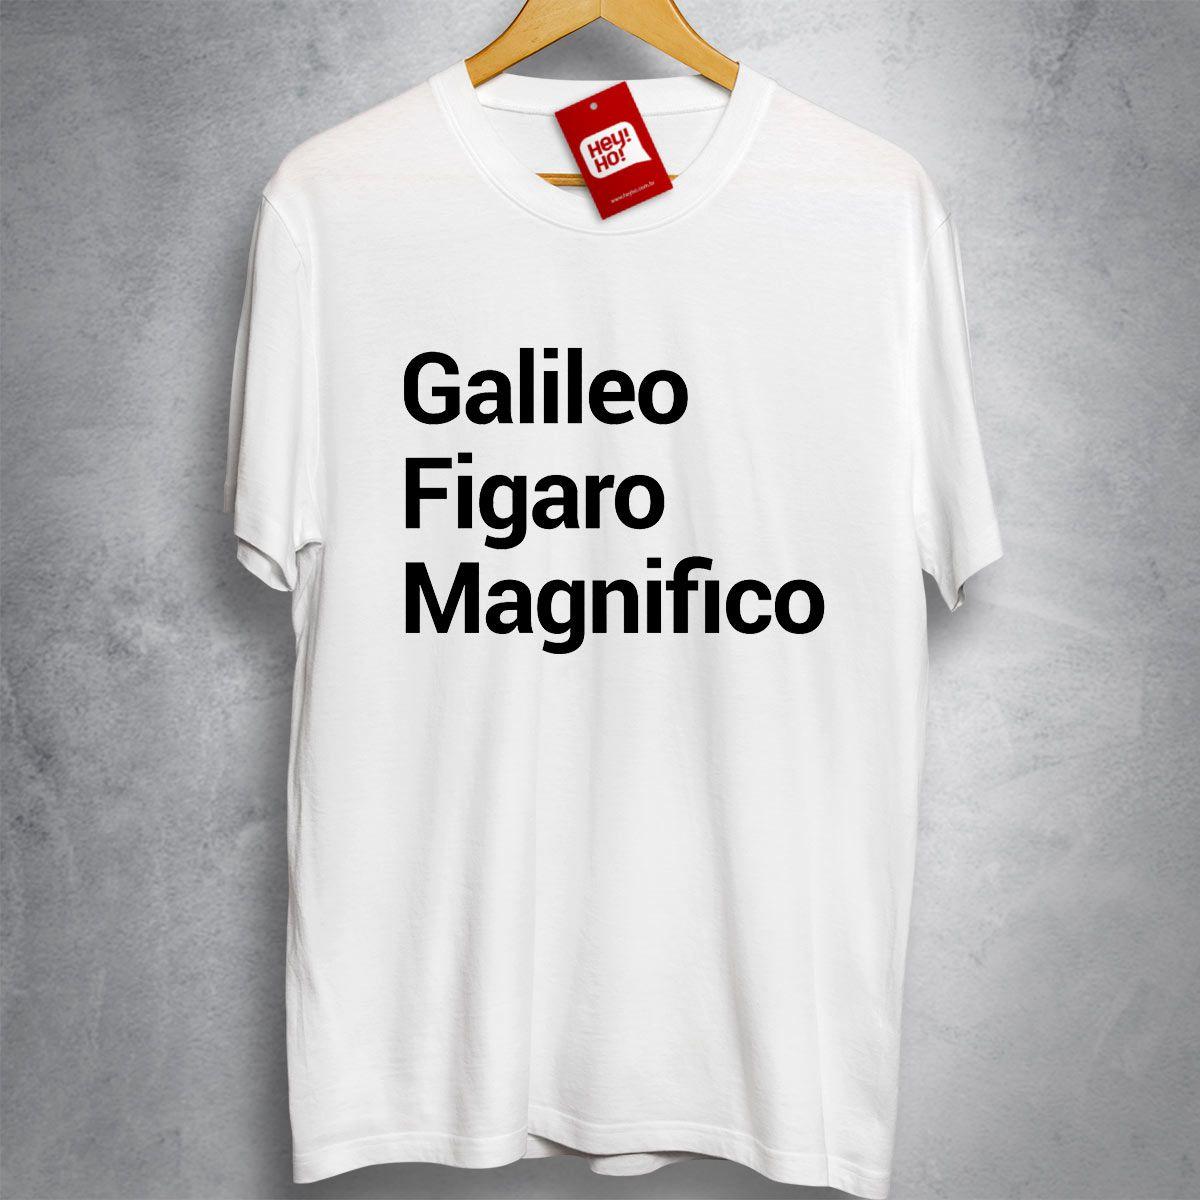 OFERTA - QUEEN - Galileo Figaro Magnifico - Camiseta BRANCA - Tamanho M